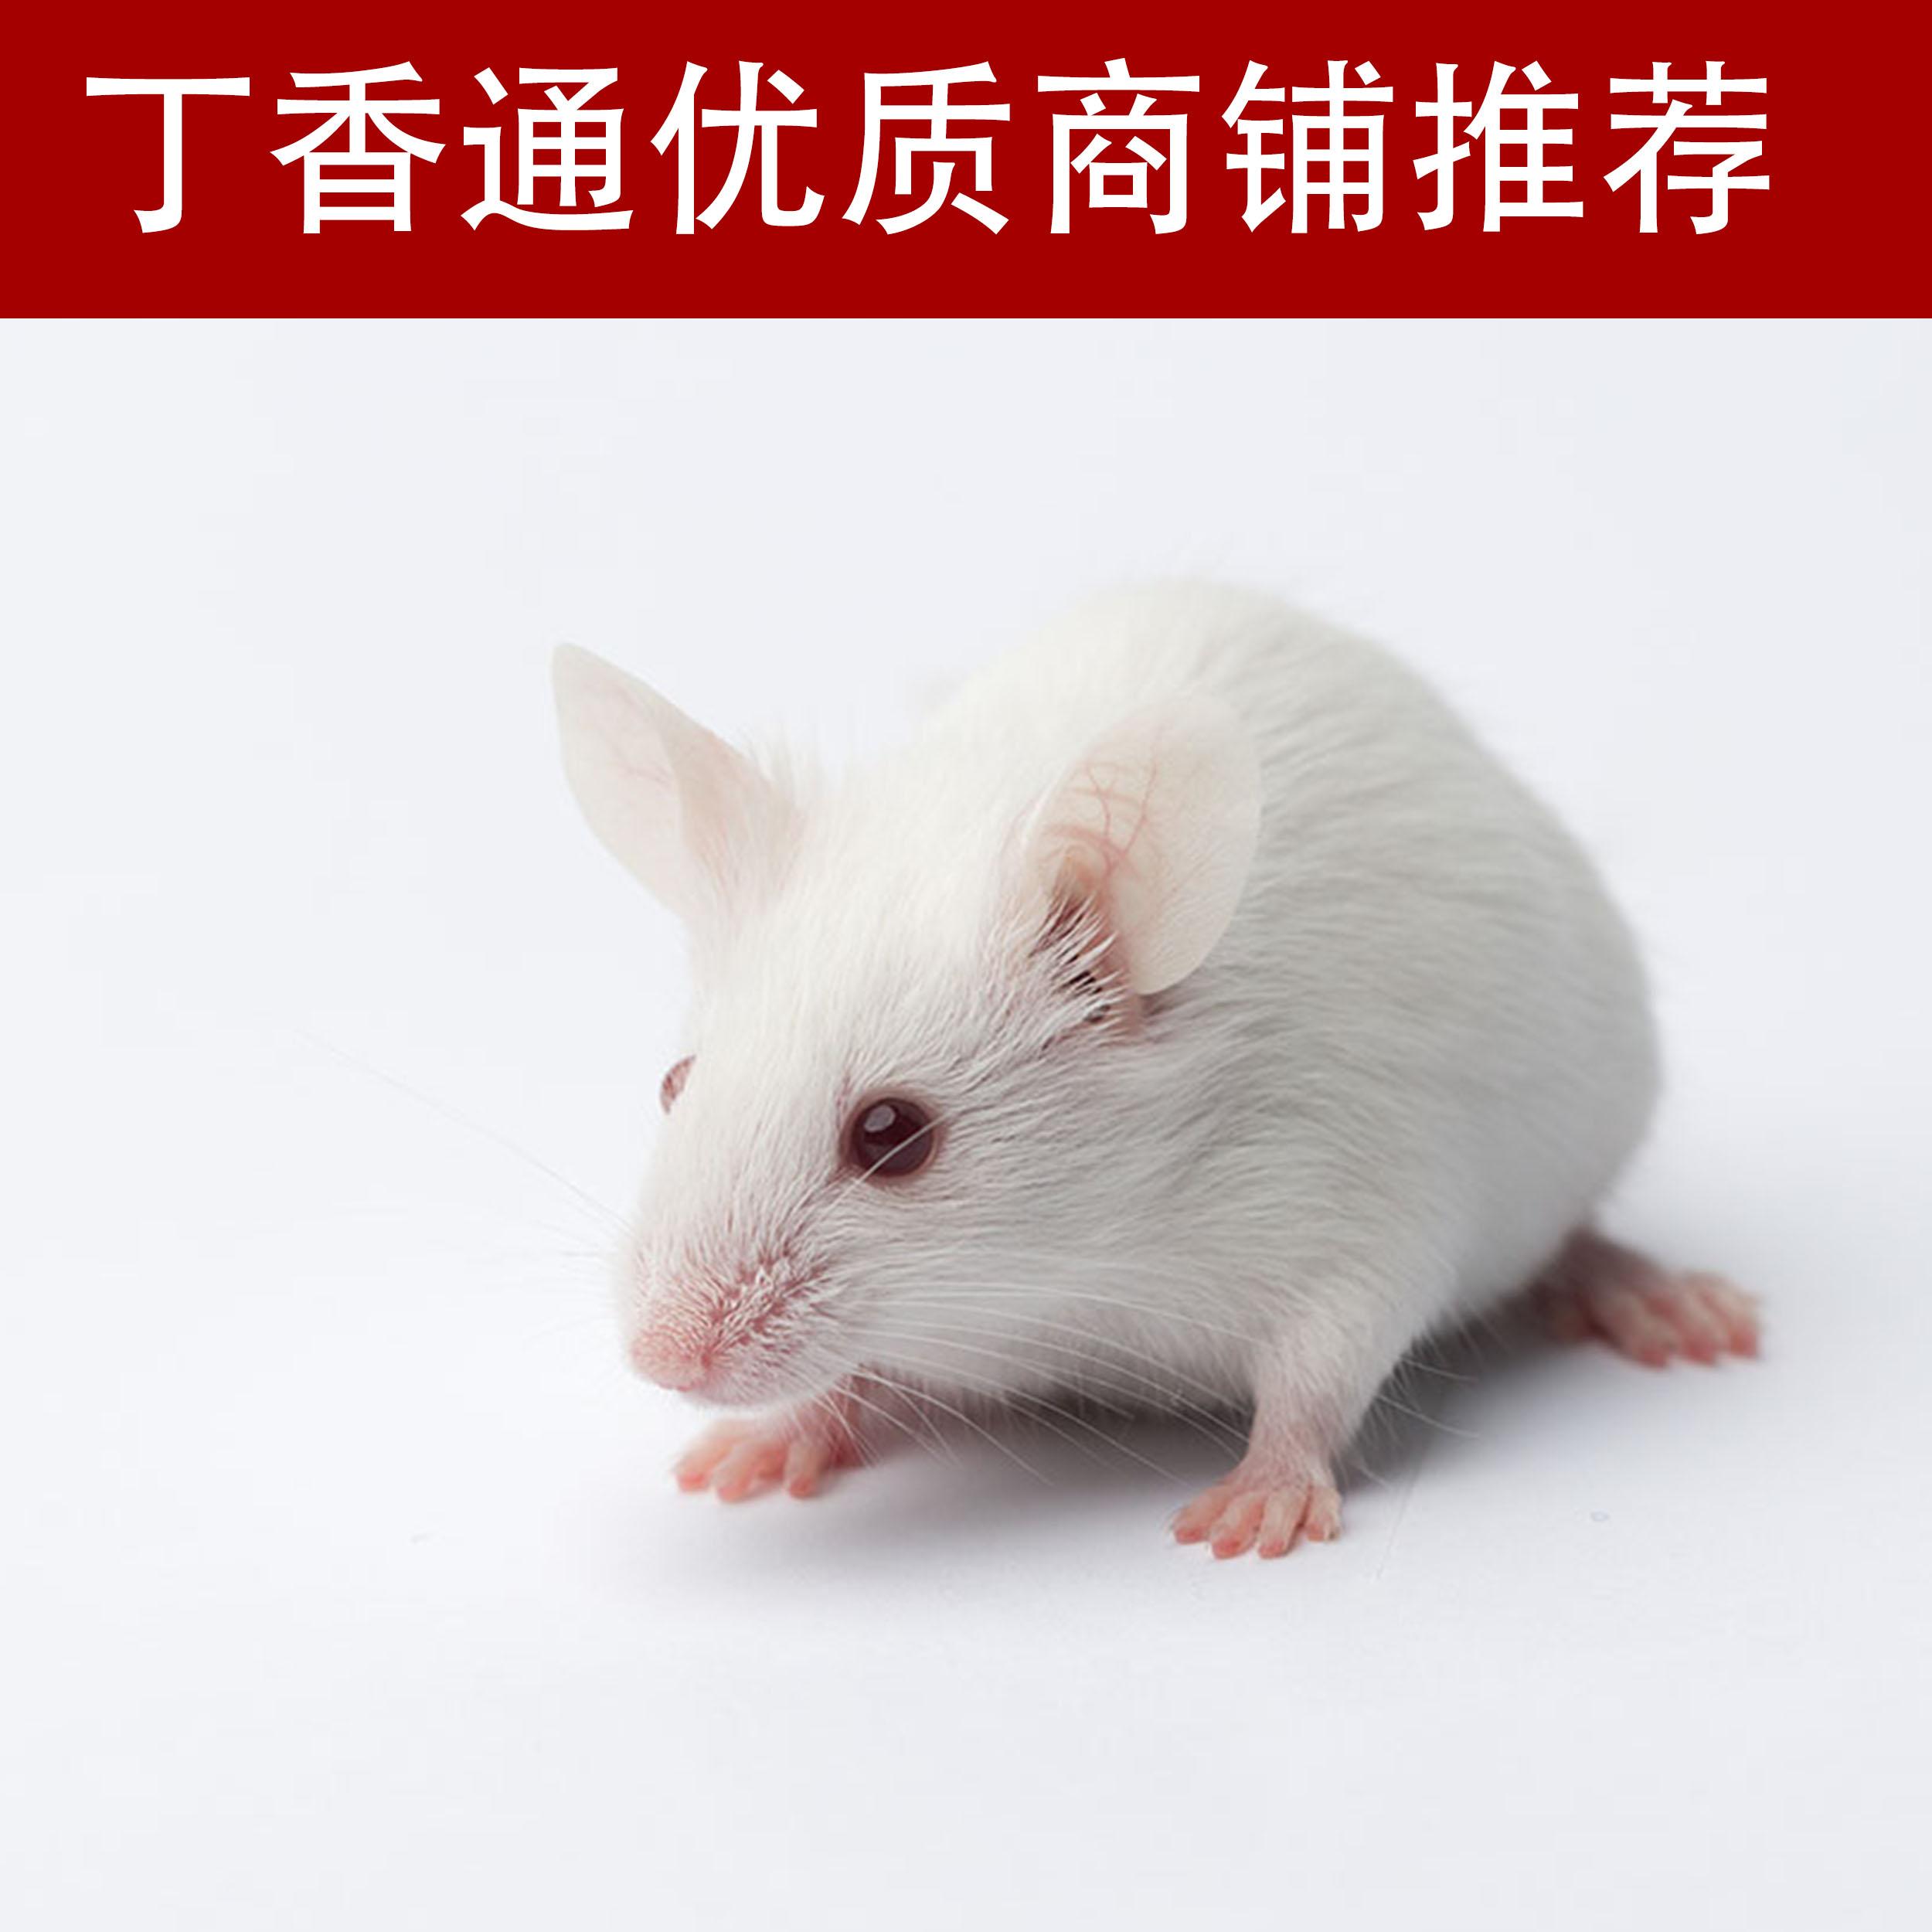 心肌缺血动物模型制备(全国十佳技术服务企业)